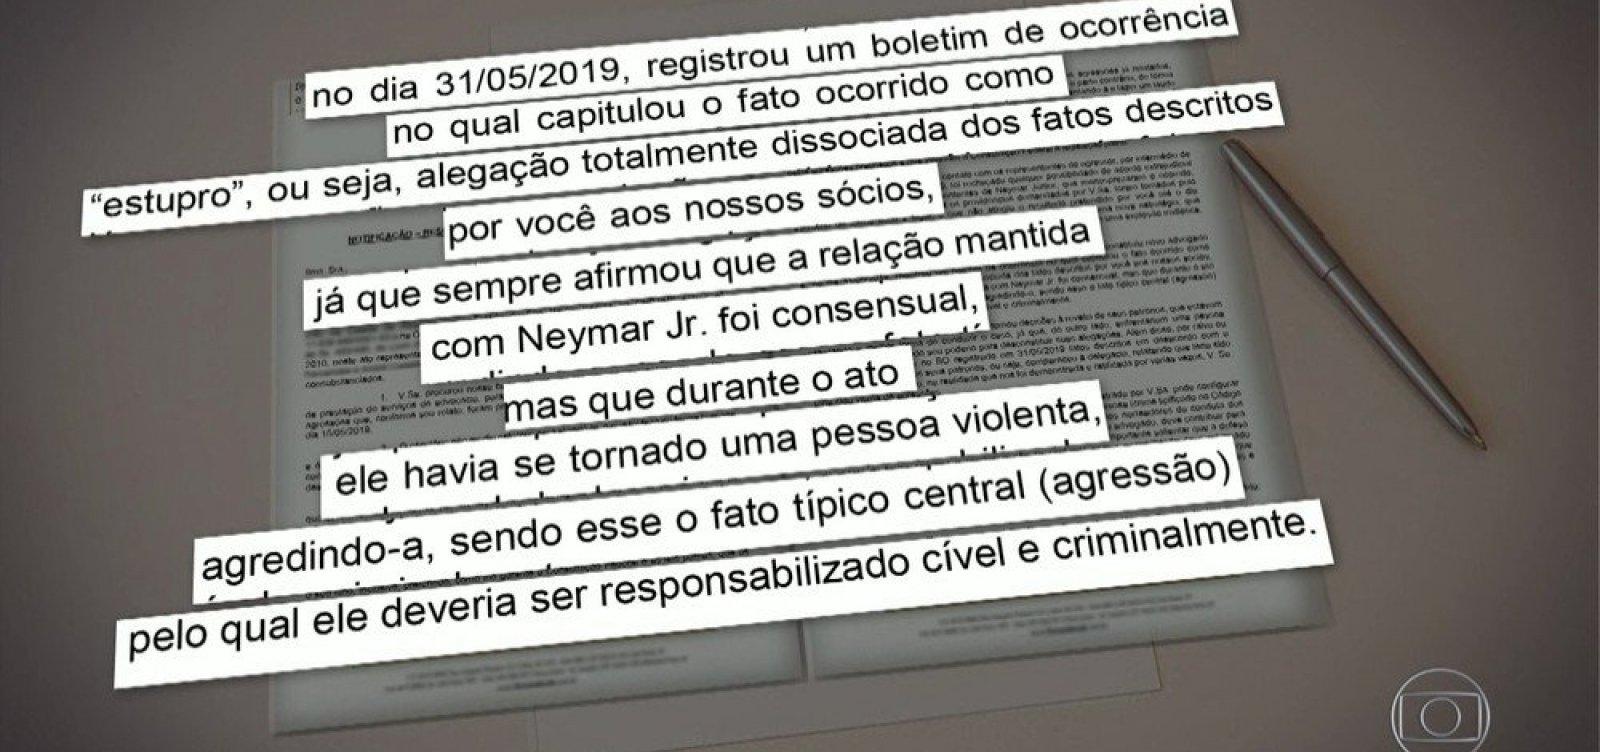 [Ex-advogado de mulher que acusa Neymar diz que ela não relatou estupro, mas agressão]